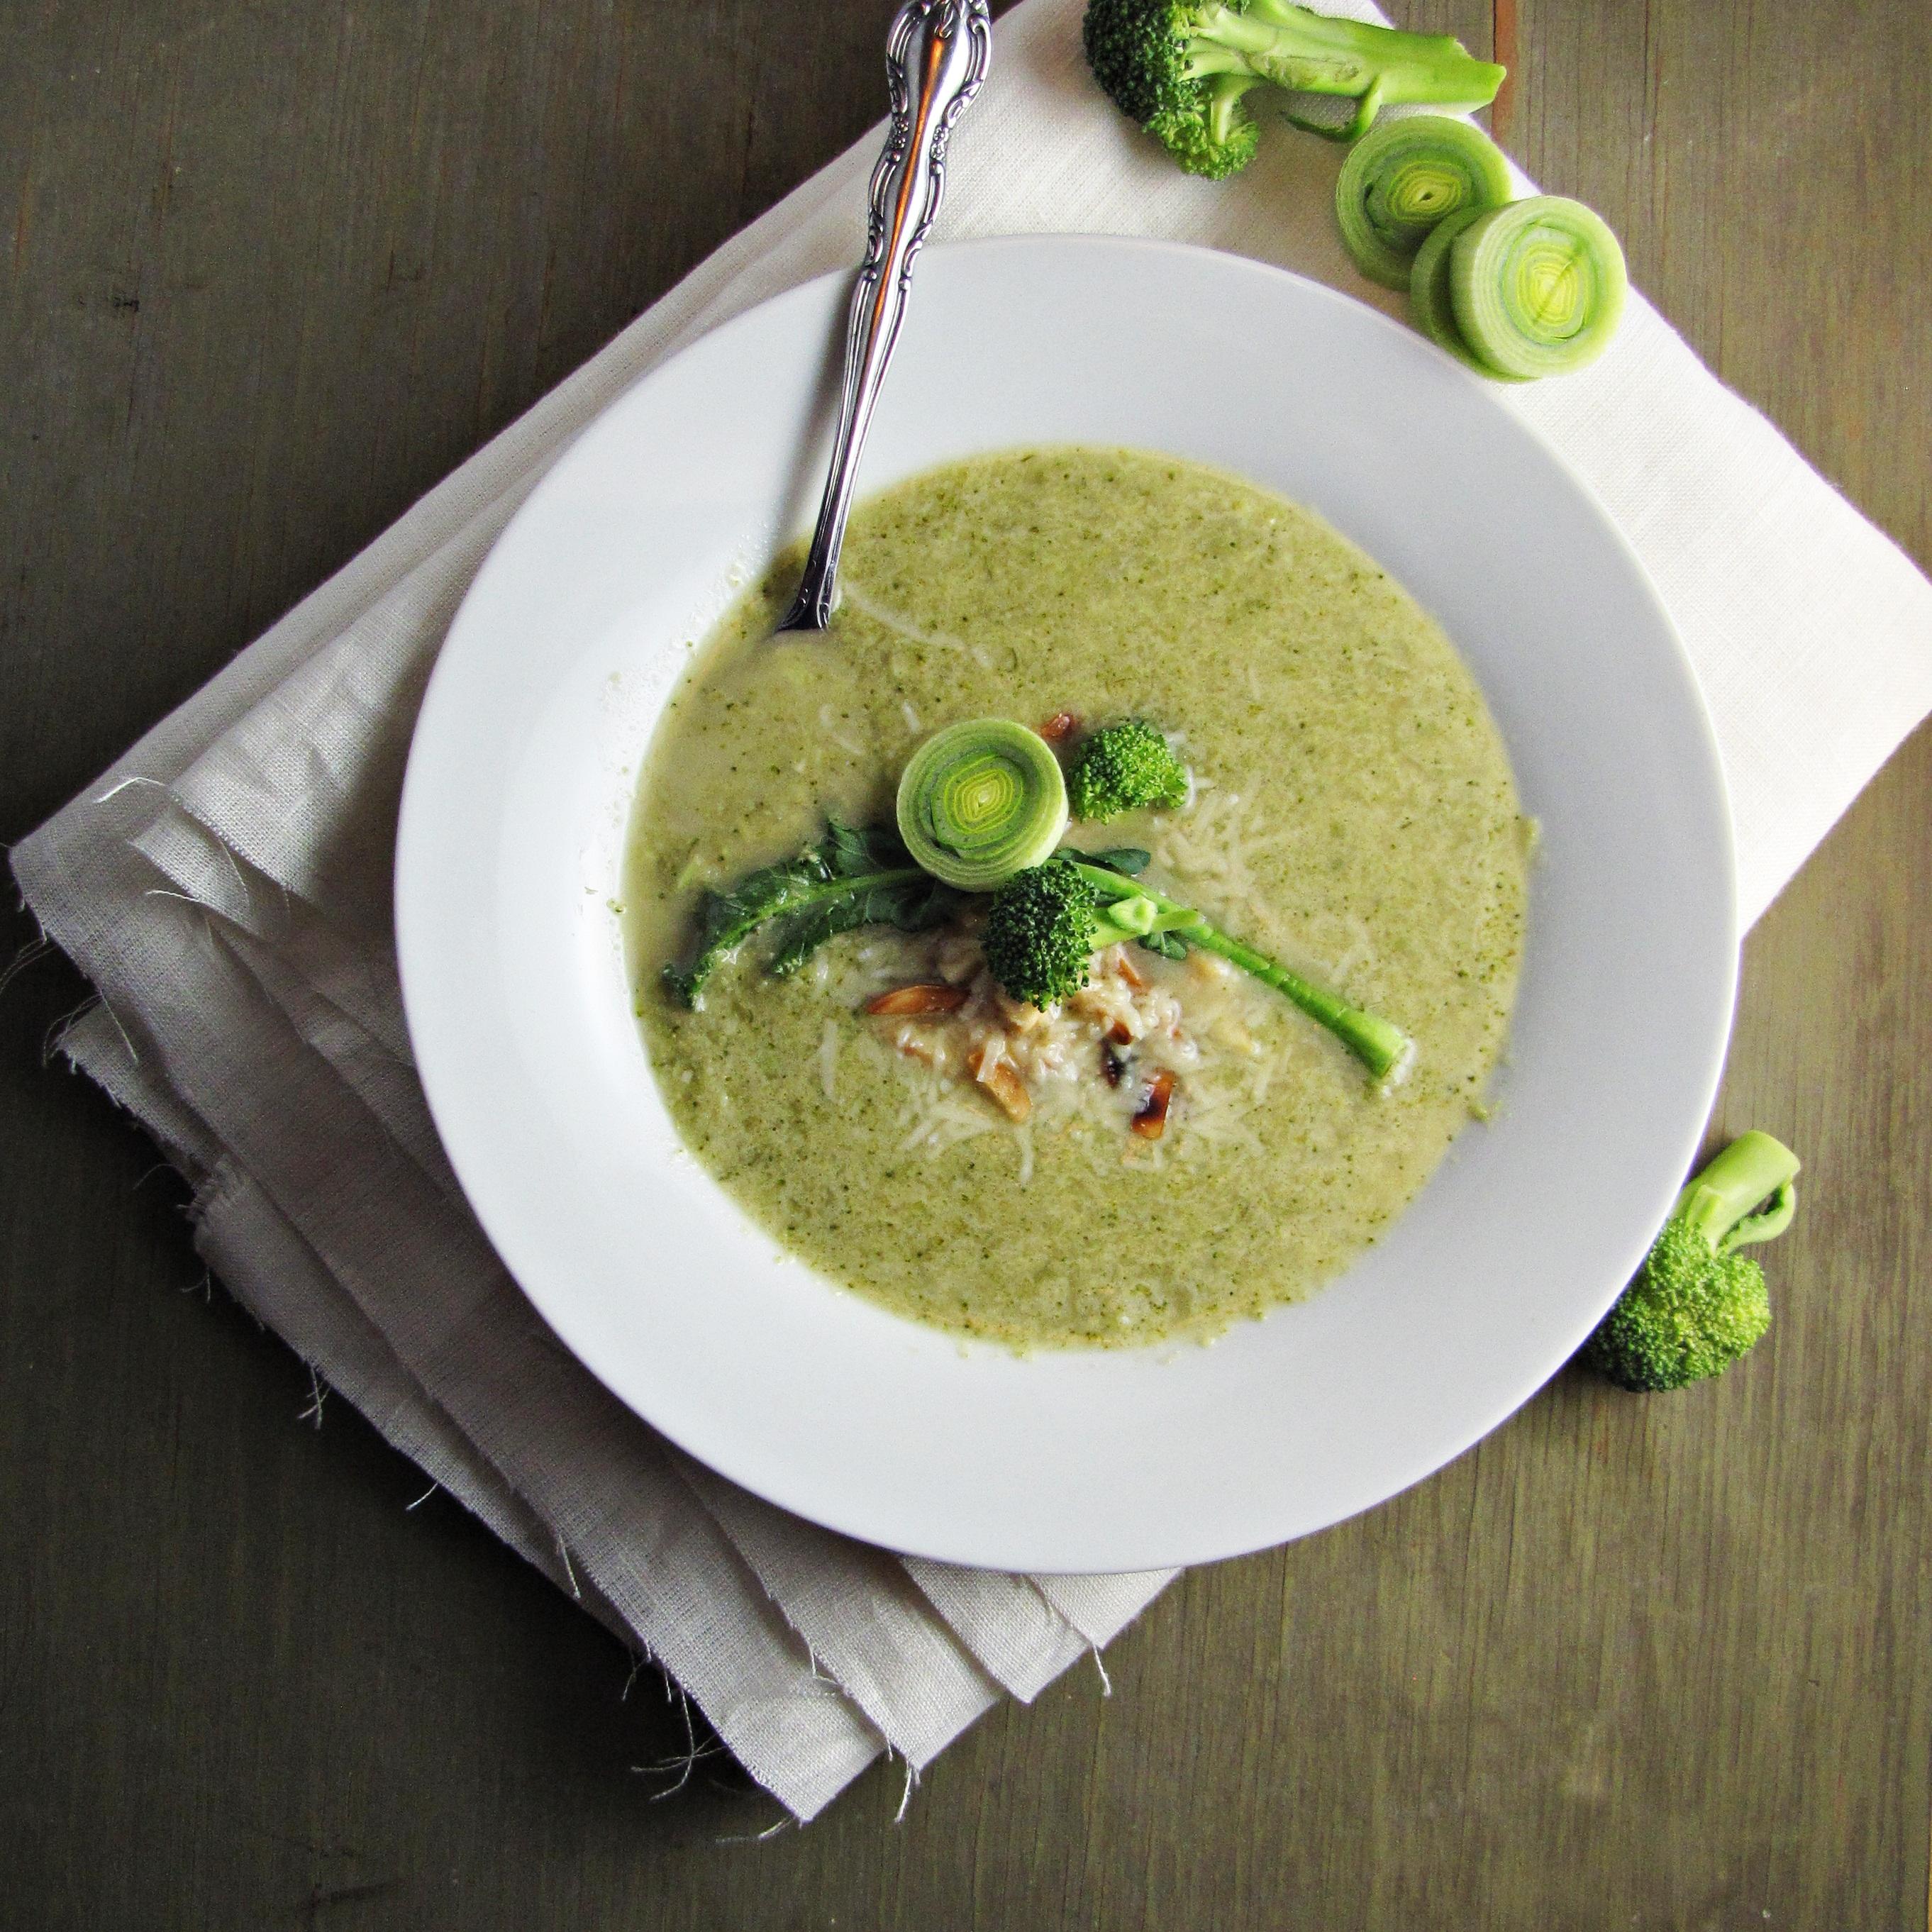 Broccoli and Edamame Soup